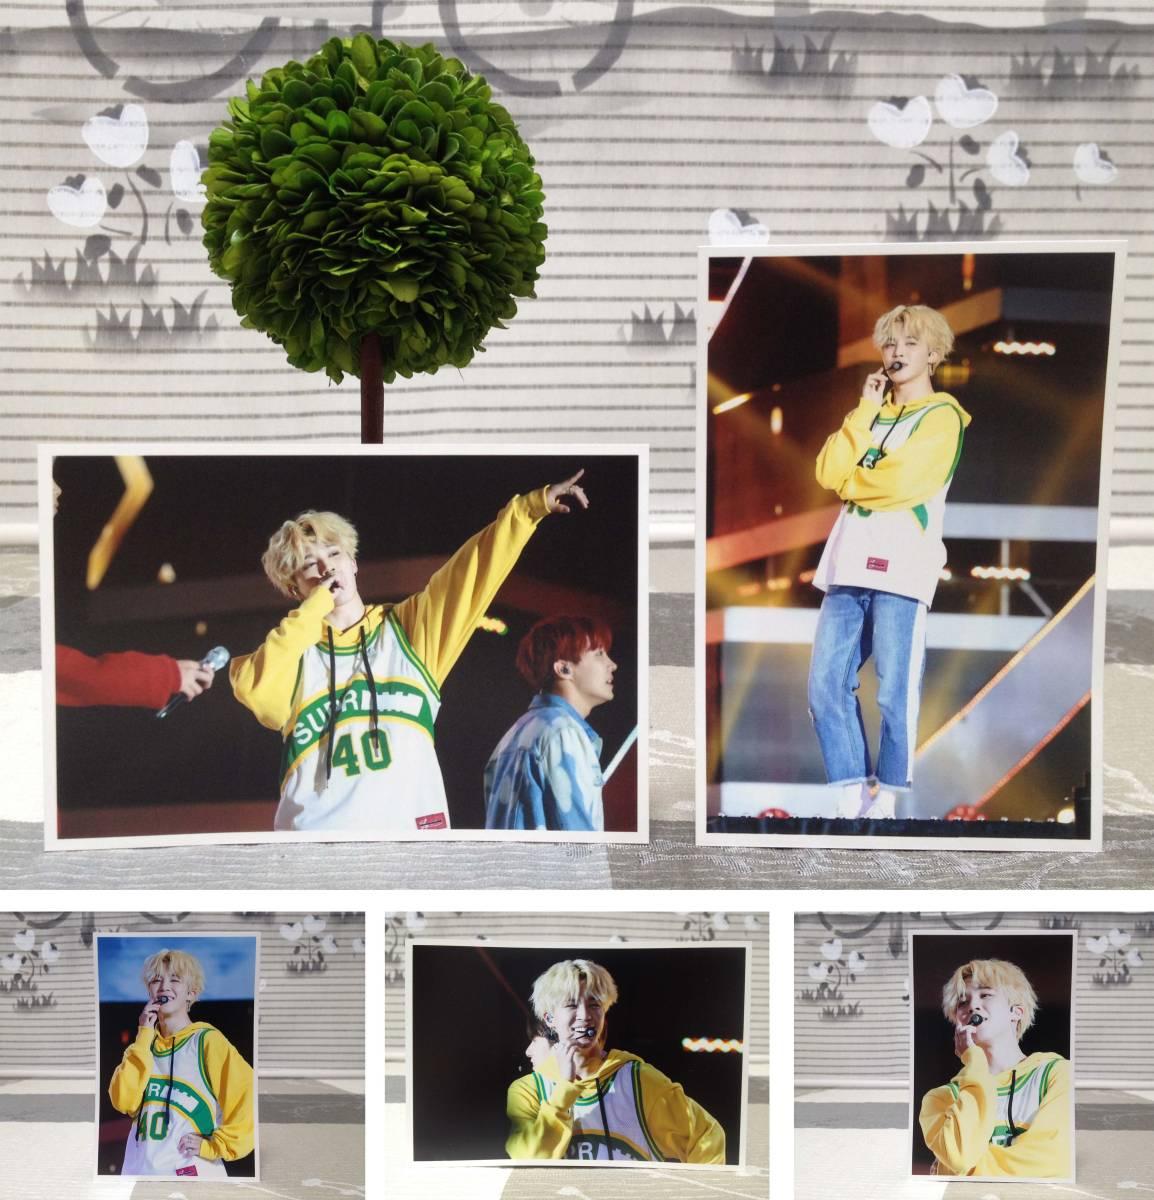 防弾少年団★BTS★ジミン★2017年9月 大田 SUPER CONCERT★FC生写真35枚